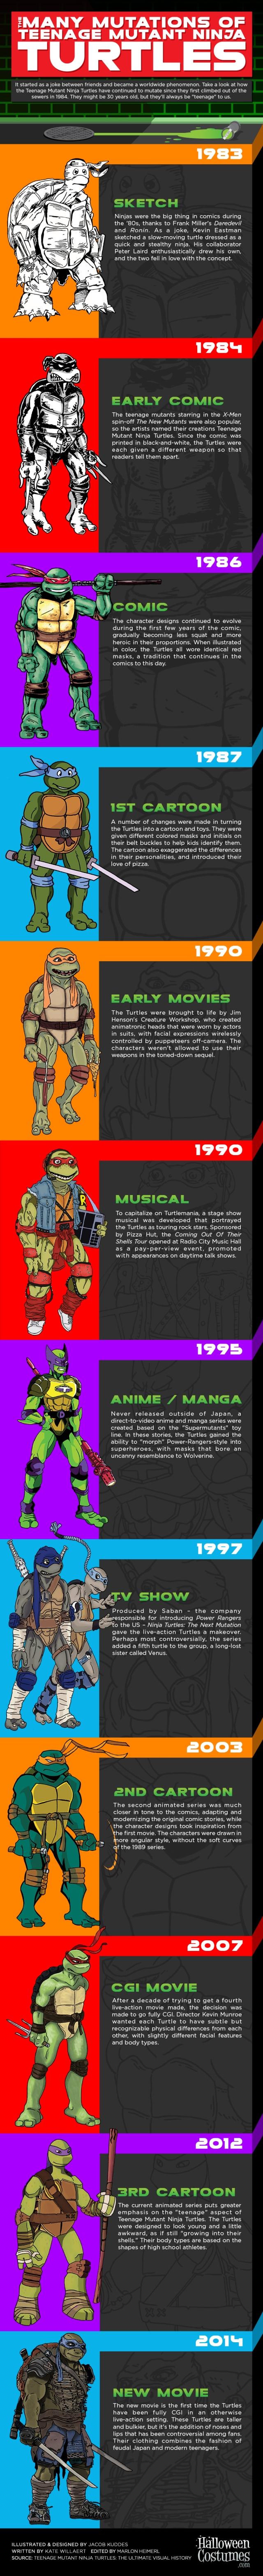 TMNT-Infographic